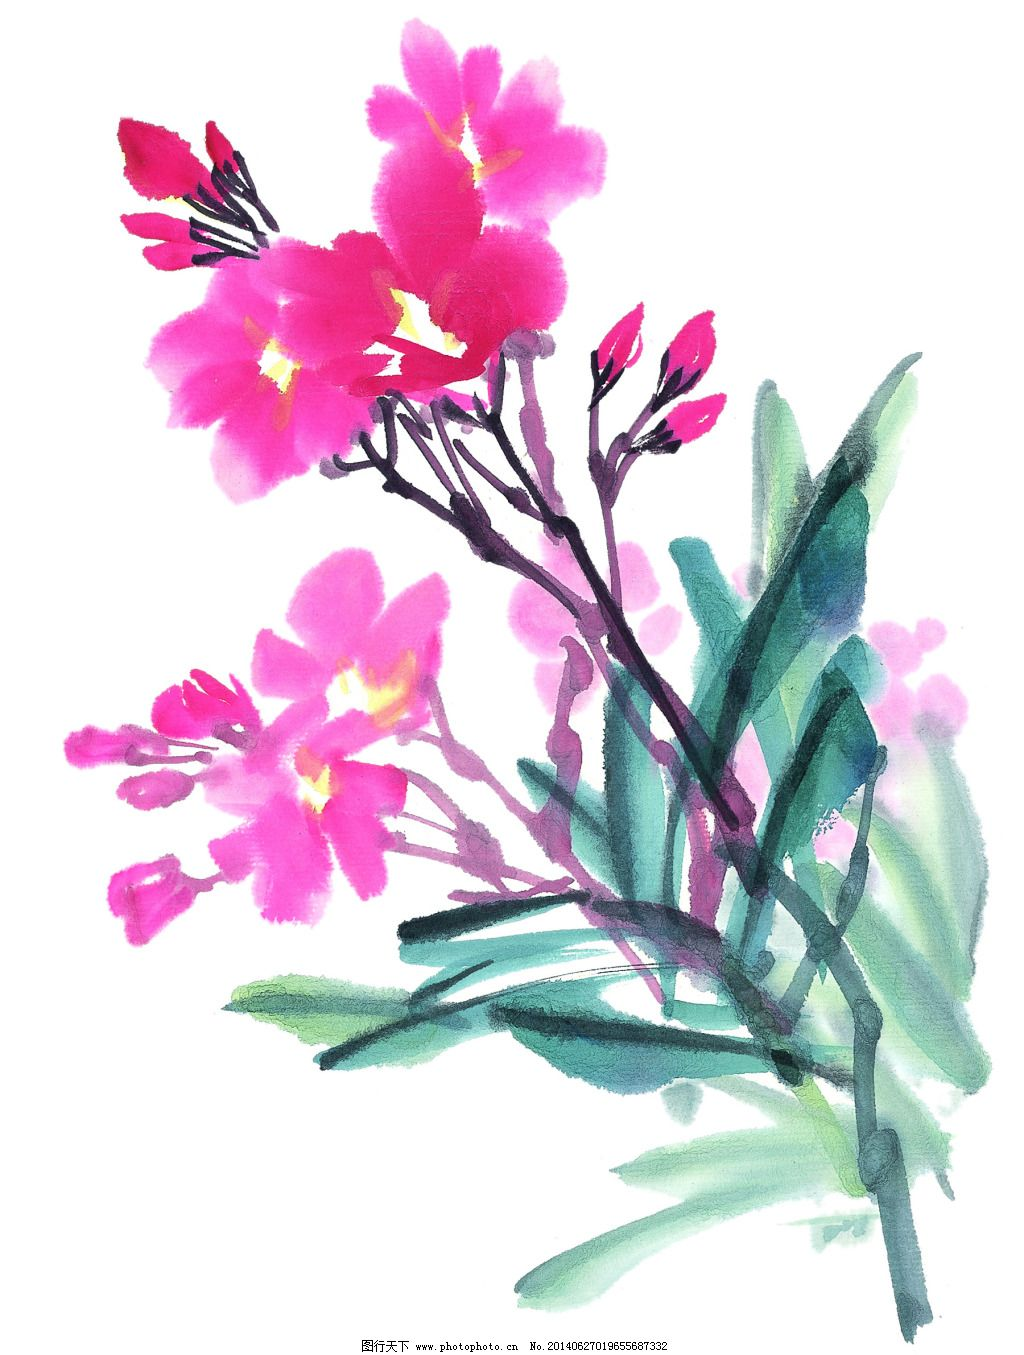 水墨花卉 水墨花卉免费下载 高清 国画 绘画 鲜花 艺术 源文件